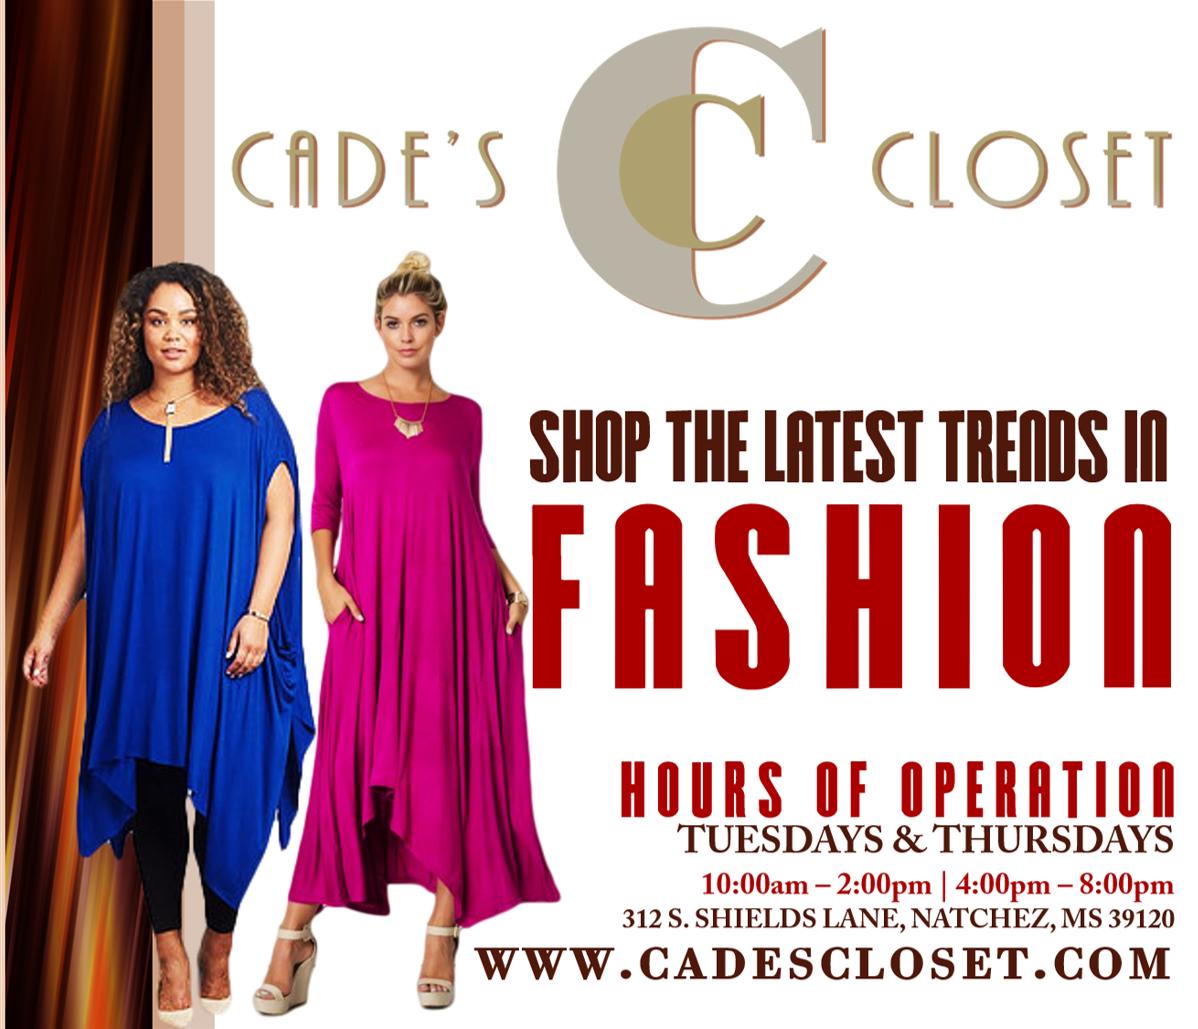 Cades Closet Flyer